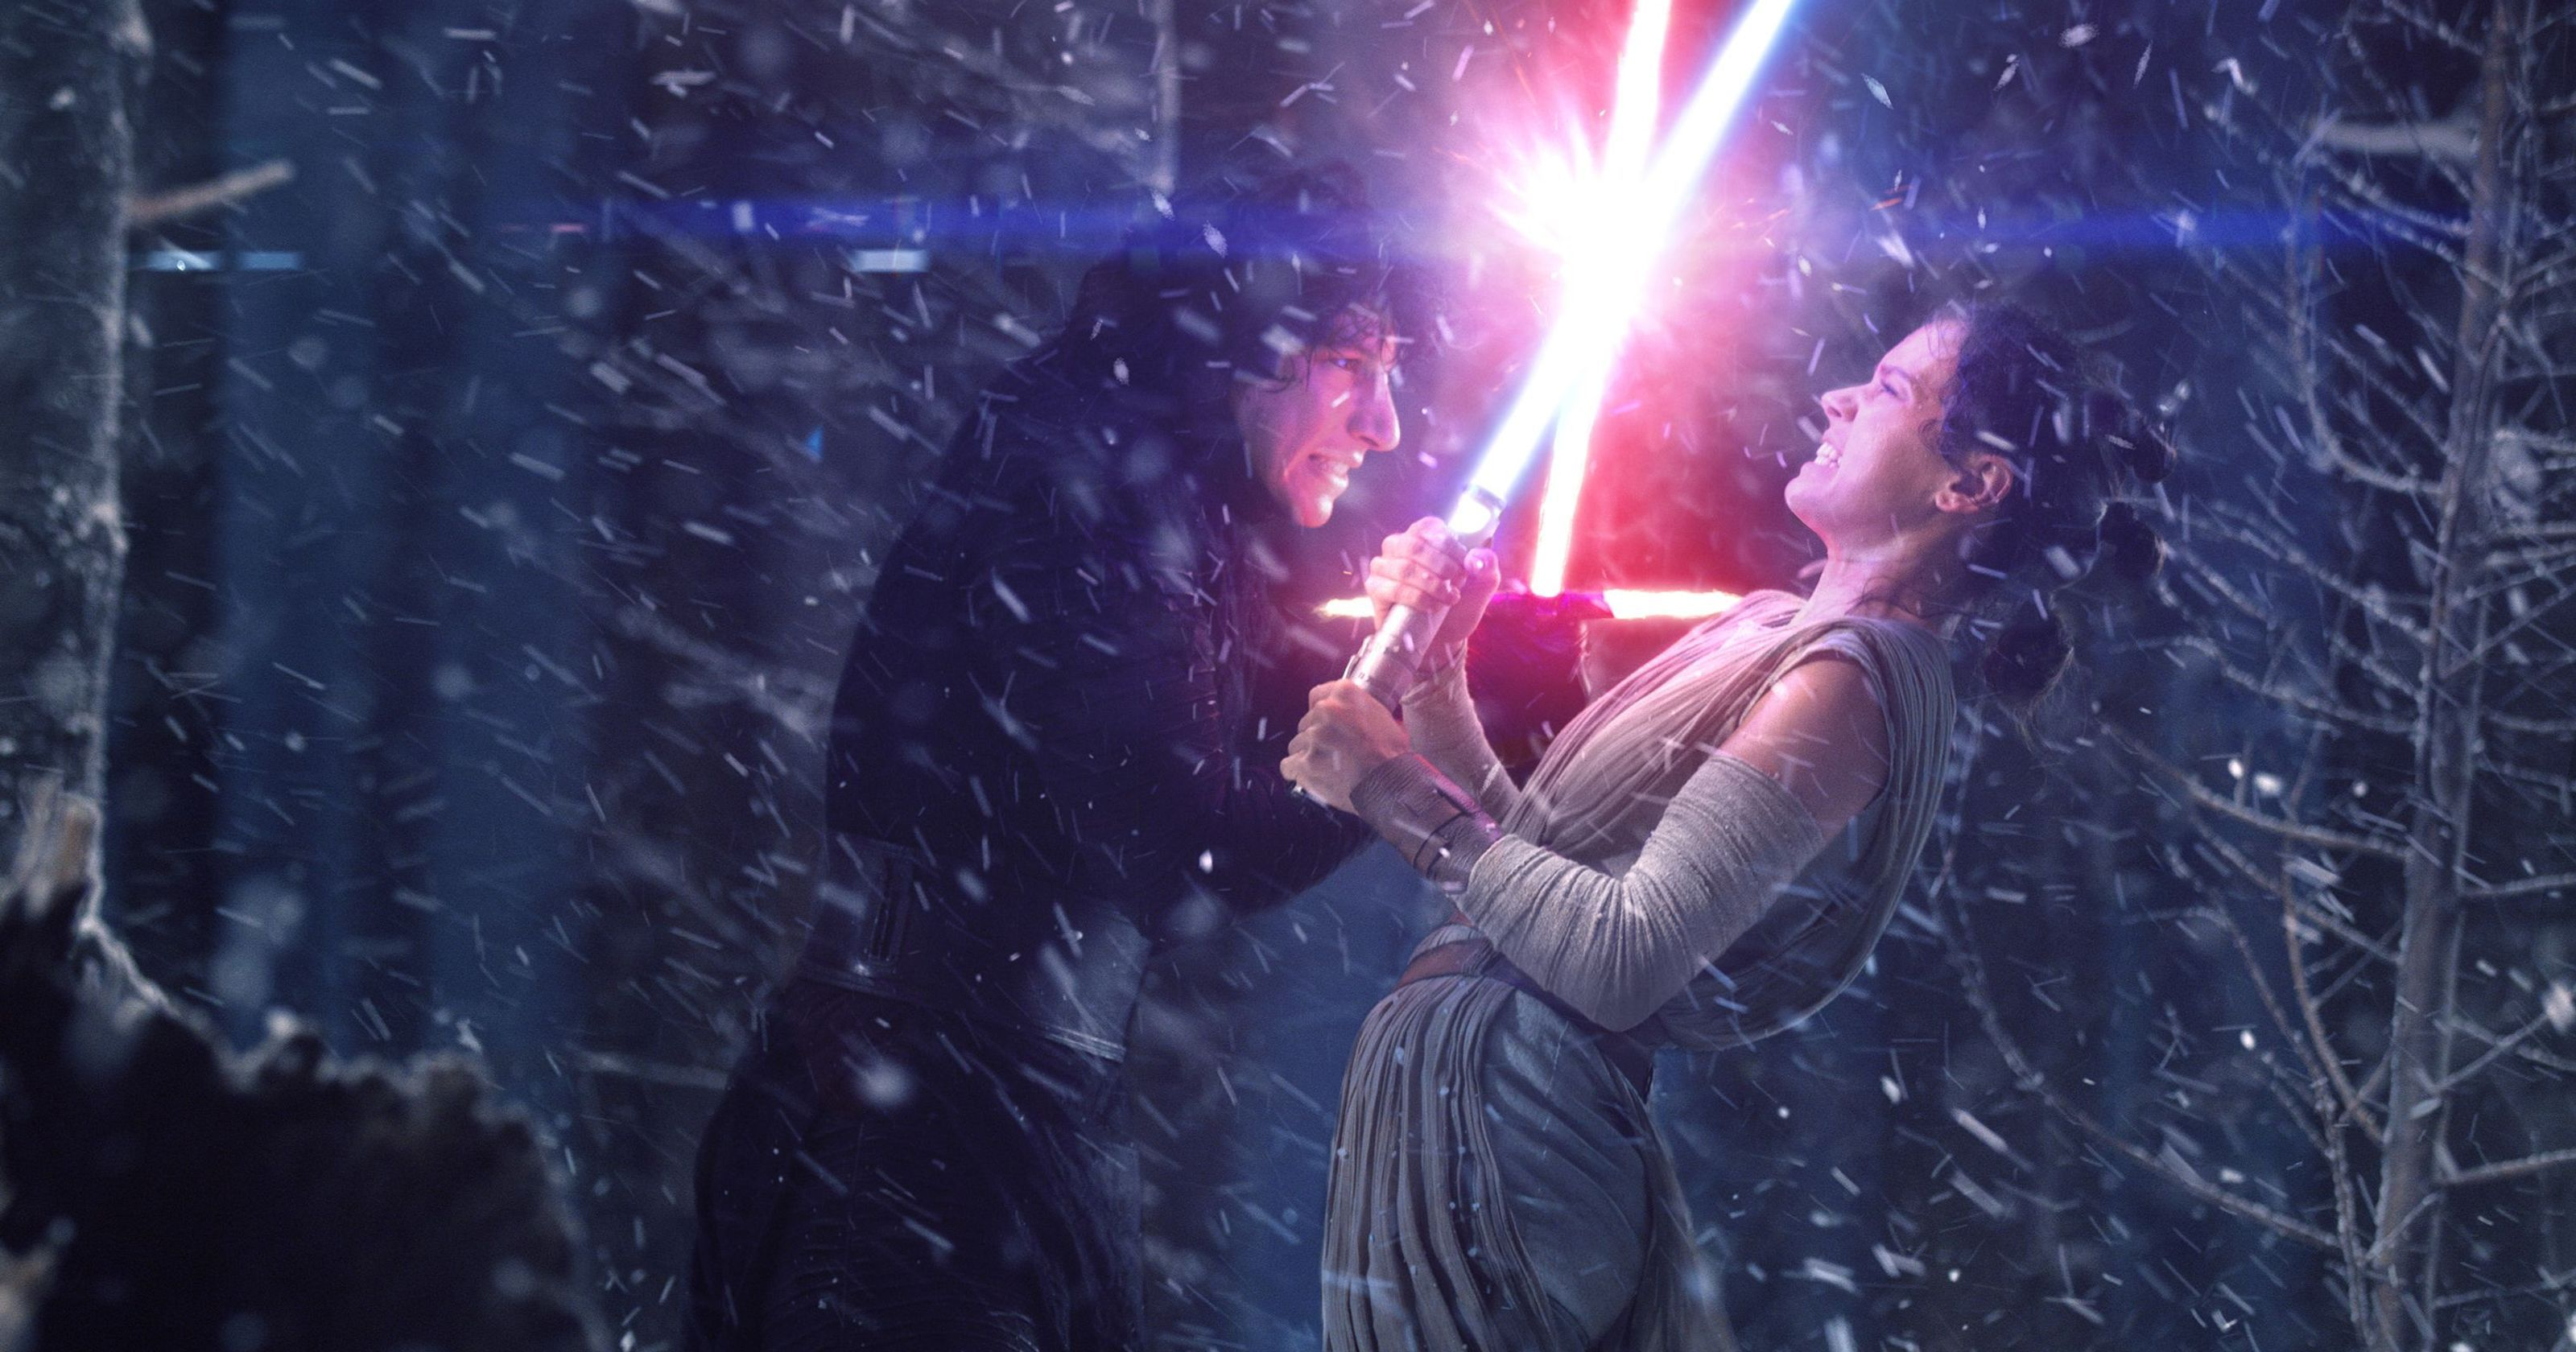 Star Wars 9: la conexión entre Rey y Kylo Ren - Teorías Star Wars